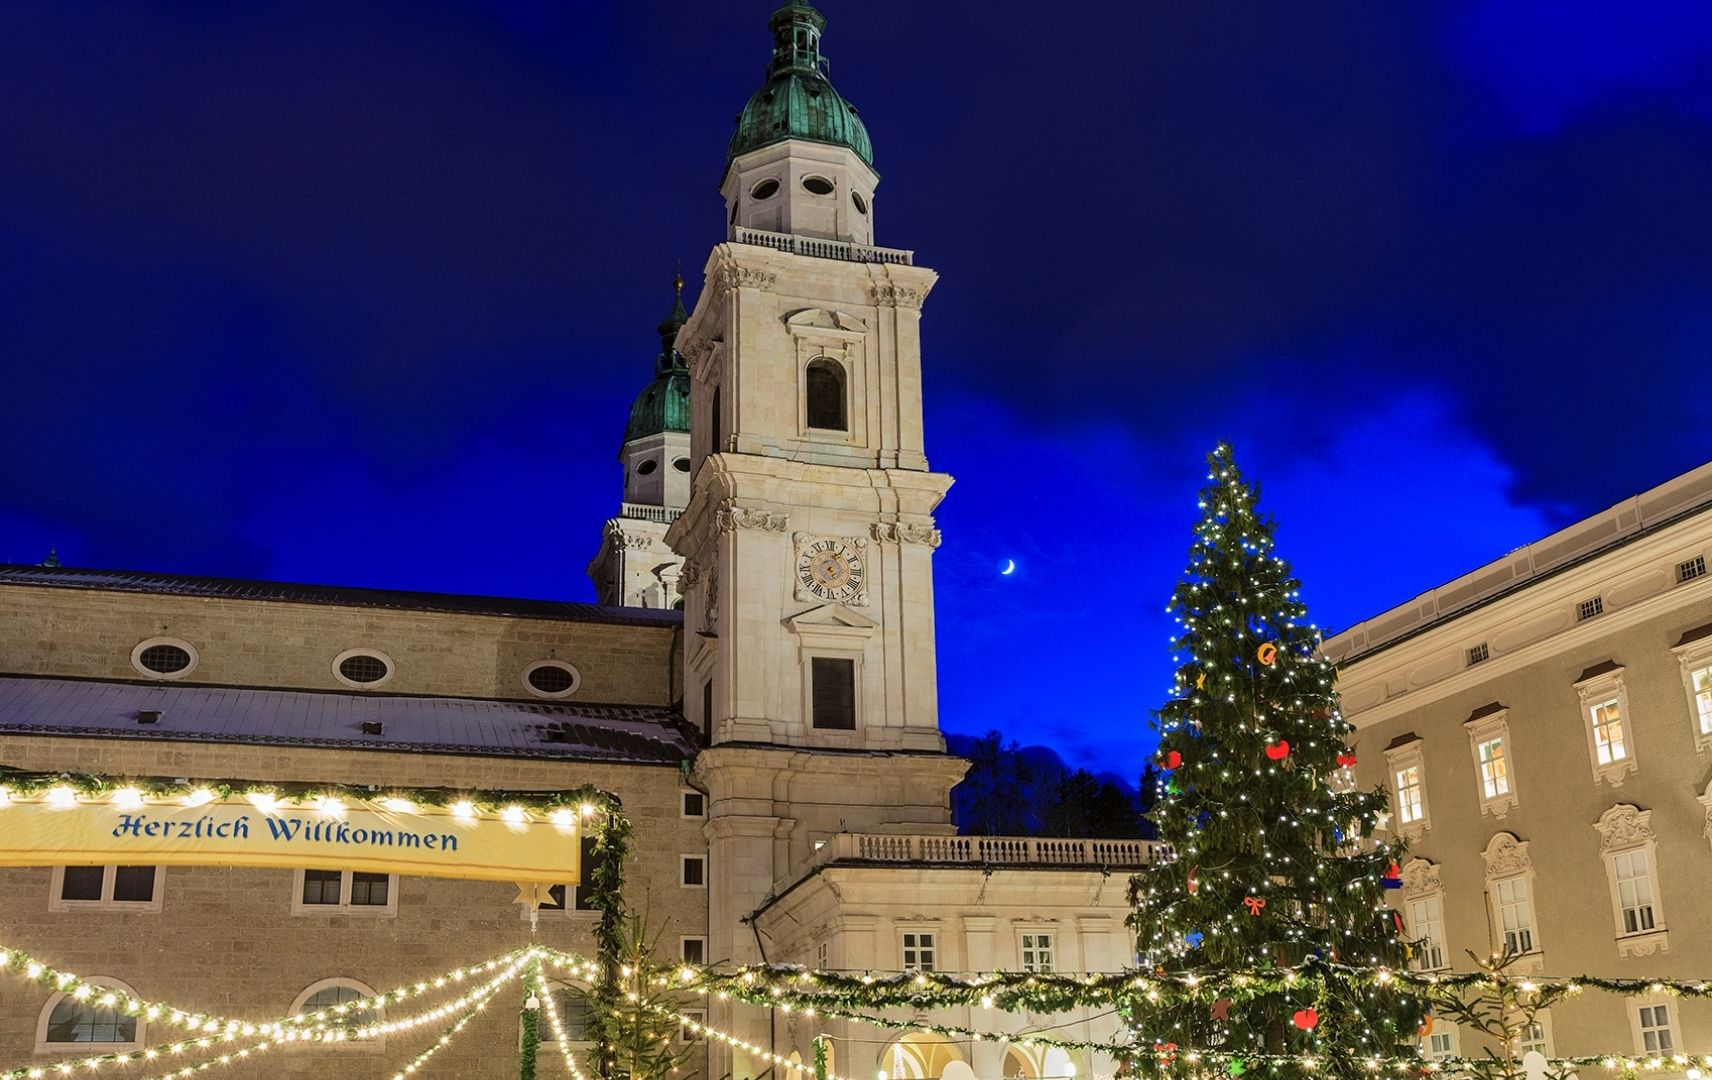 Salzburg Weihnachtsmarkt